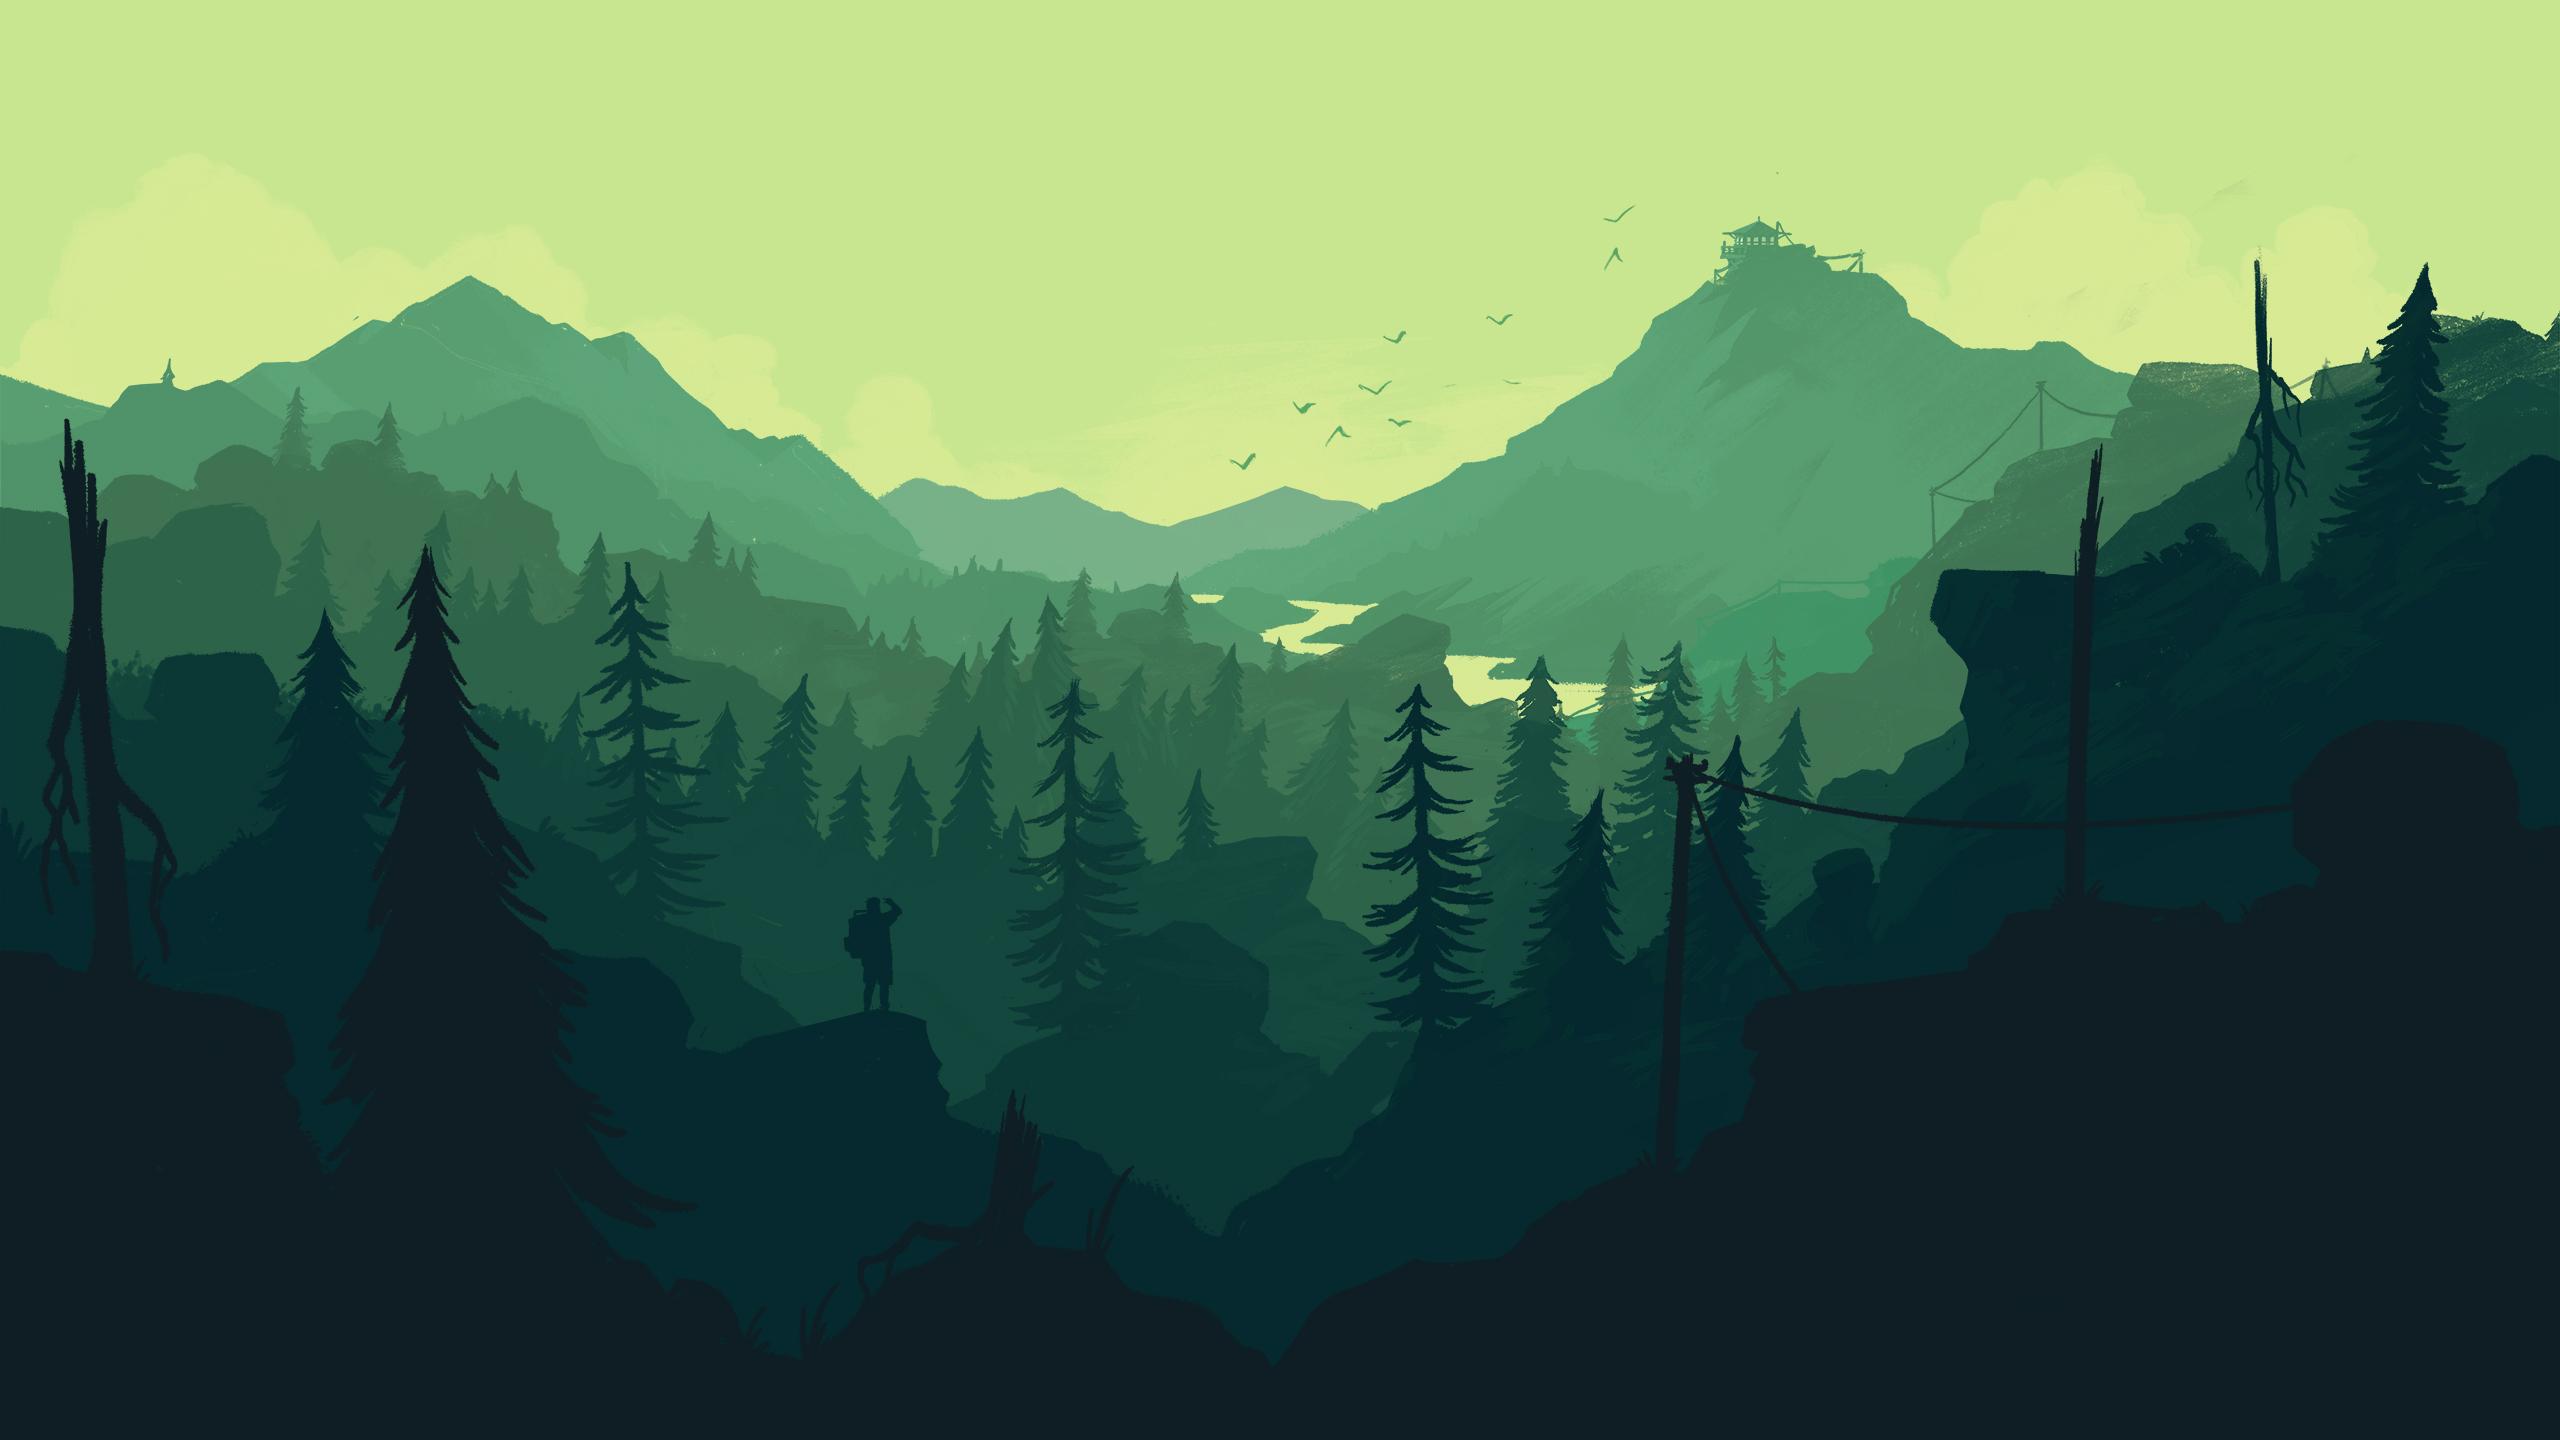 Forest Minimal Wallpaper Hd Minimalist 4k Wallpapers